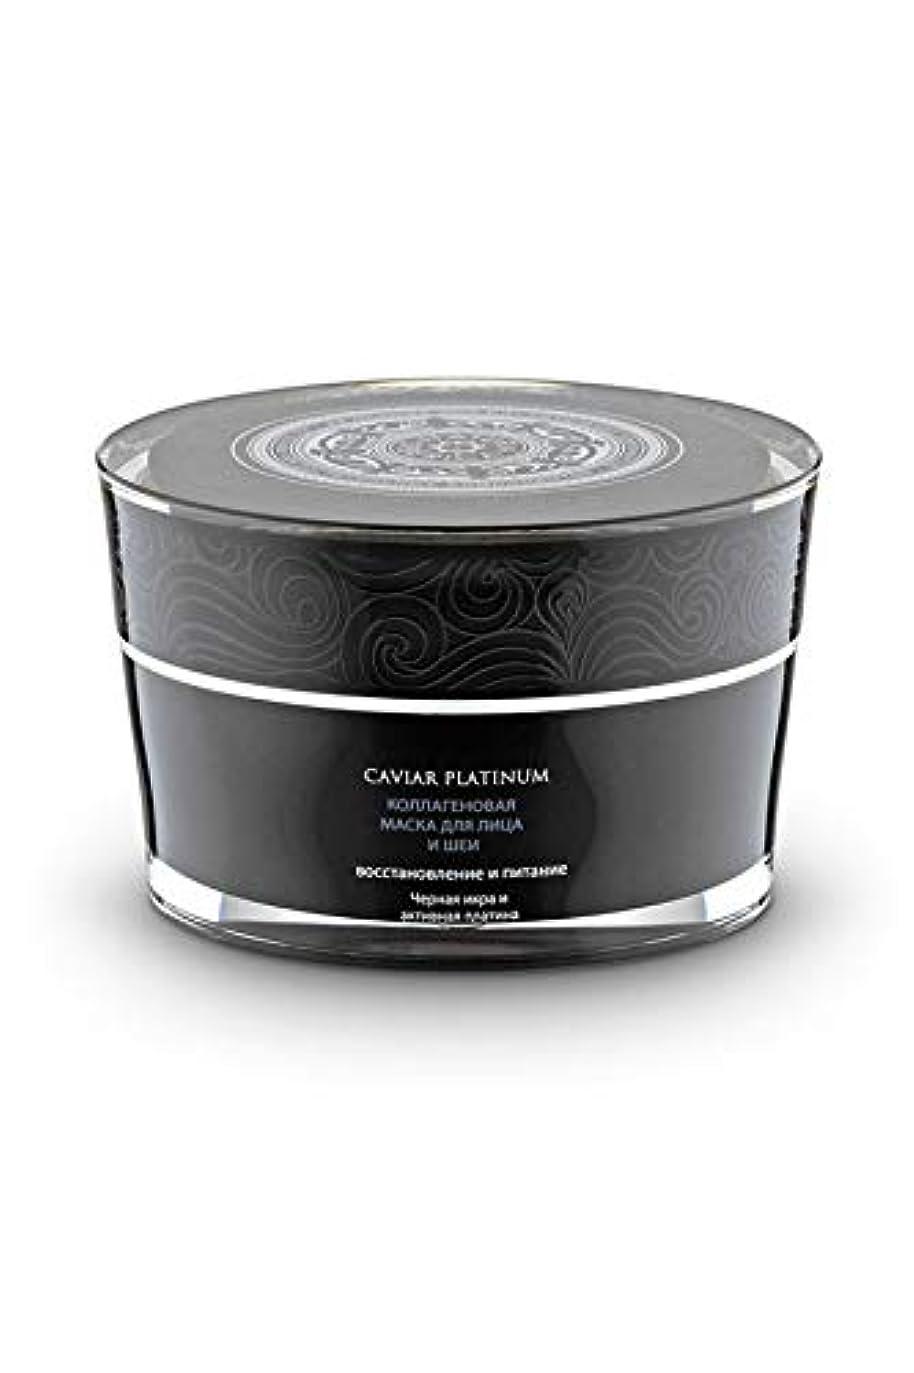 先祖パケット分散ナチュラシベリカ キャビア プラチナ Caviar Platinum コラーゲンフェイス&ネック マスククリーム 50ml